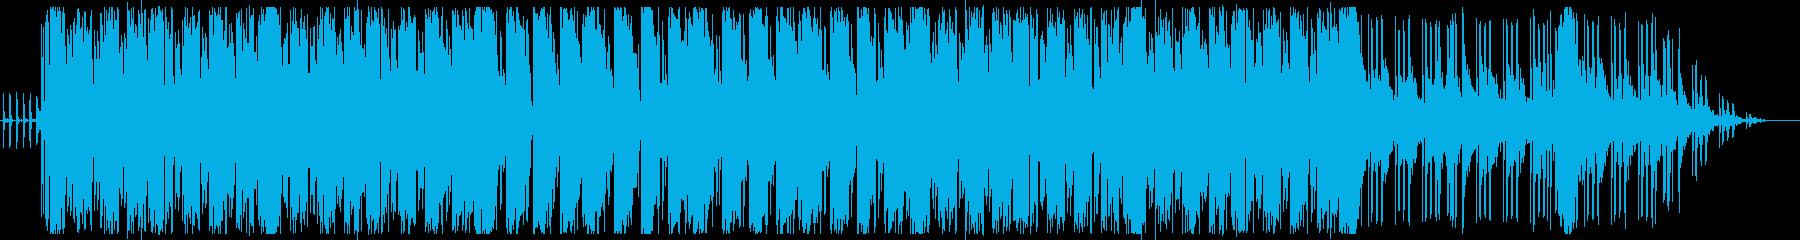 ドラムとギターのかっこいいファンクの曲の再生済みの波形